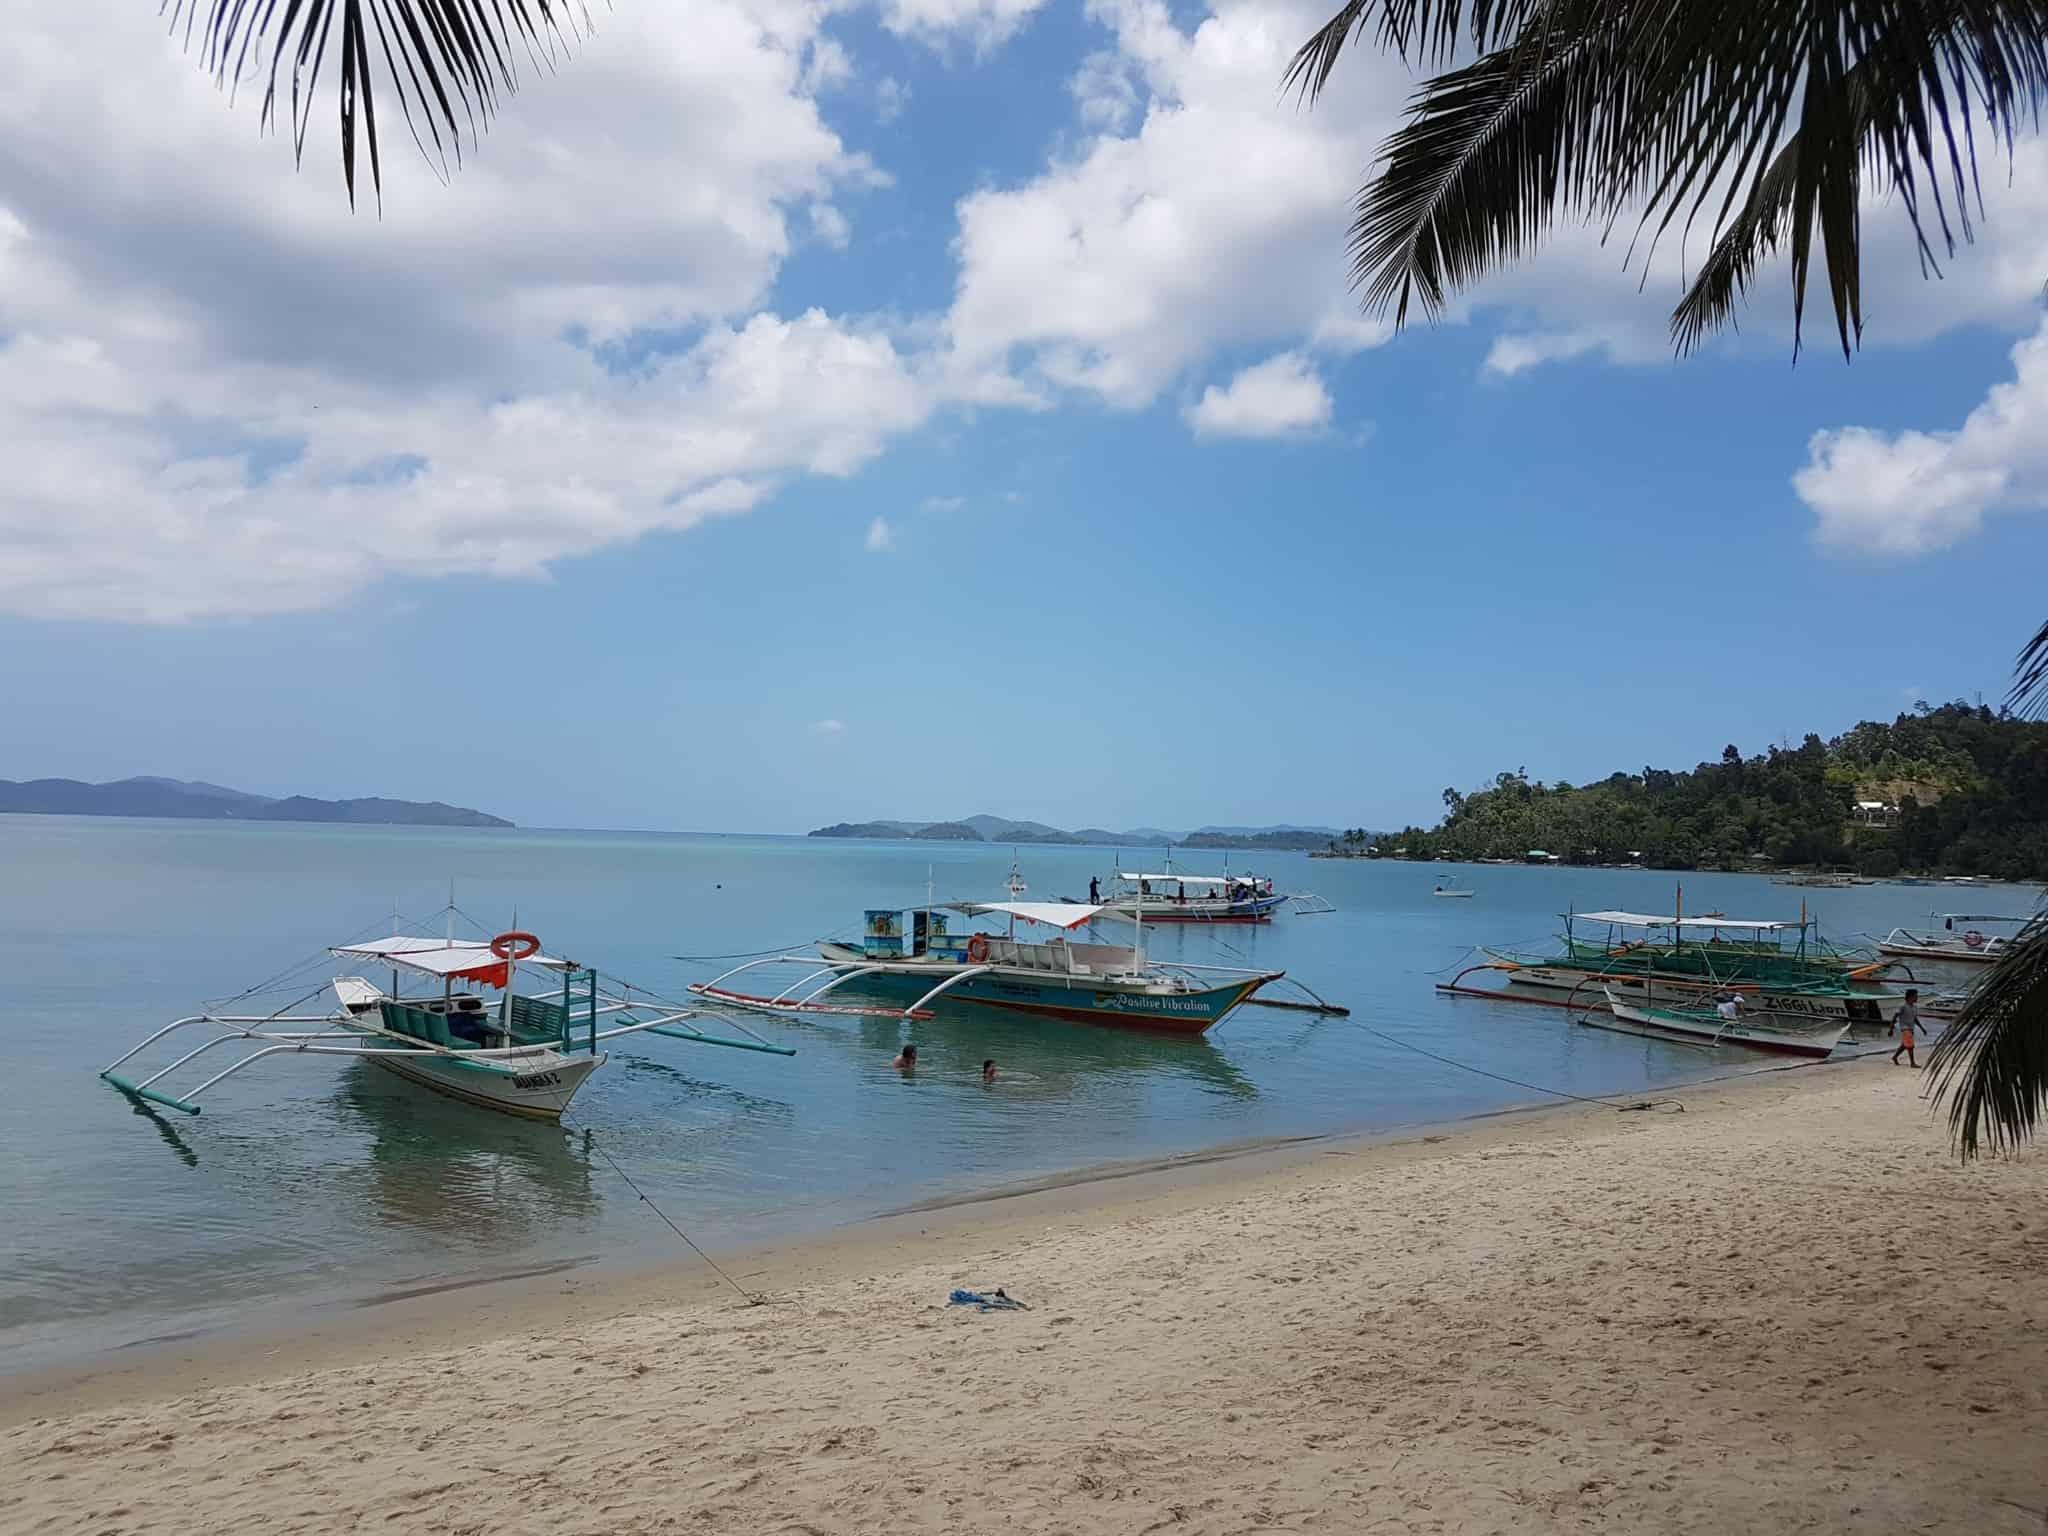 Philippines, la douceur de vivre de Port Barton 🍦 11